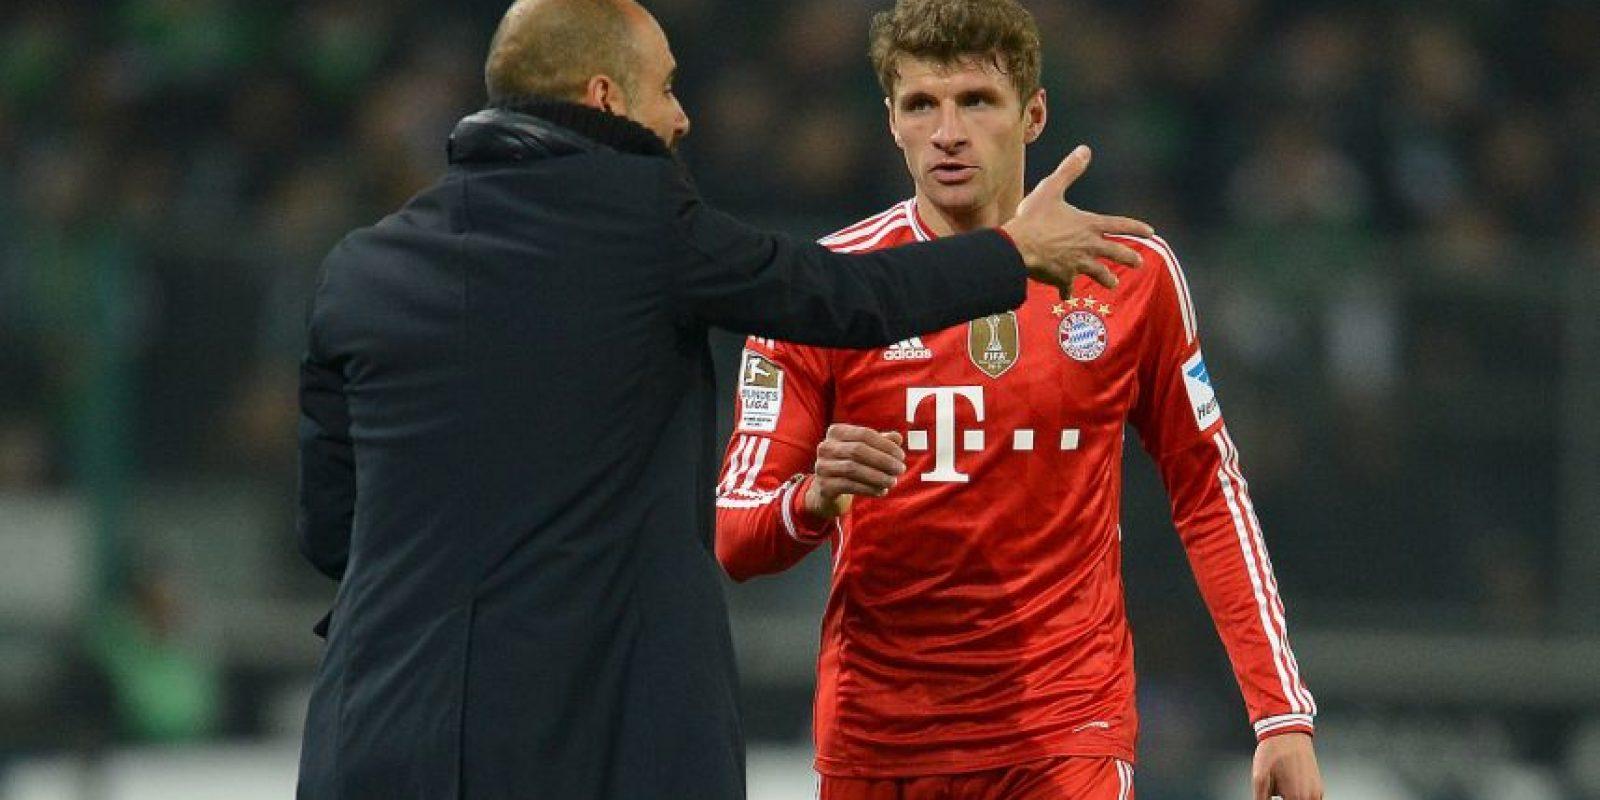 Explotó contra Thomas Müller durante un entrenamiento del Bayern Munich. Foto:Getty Images